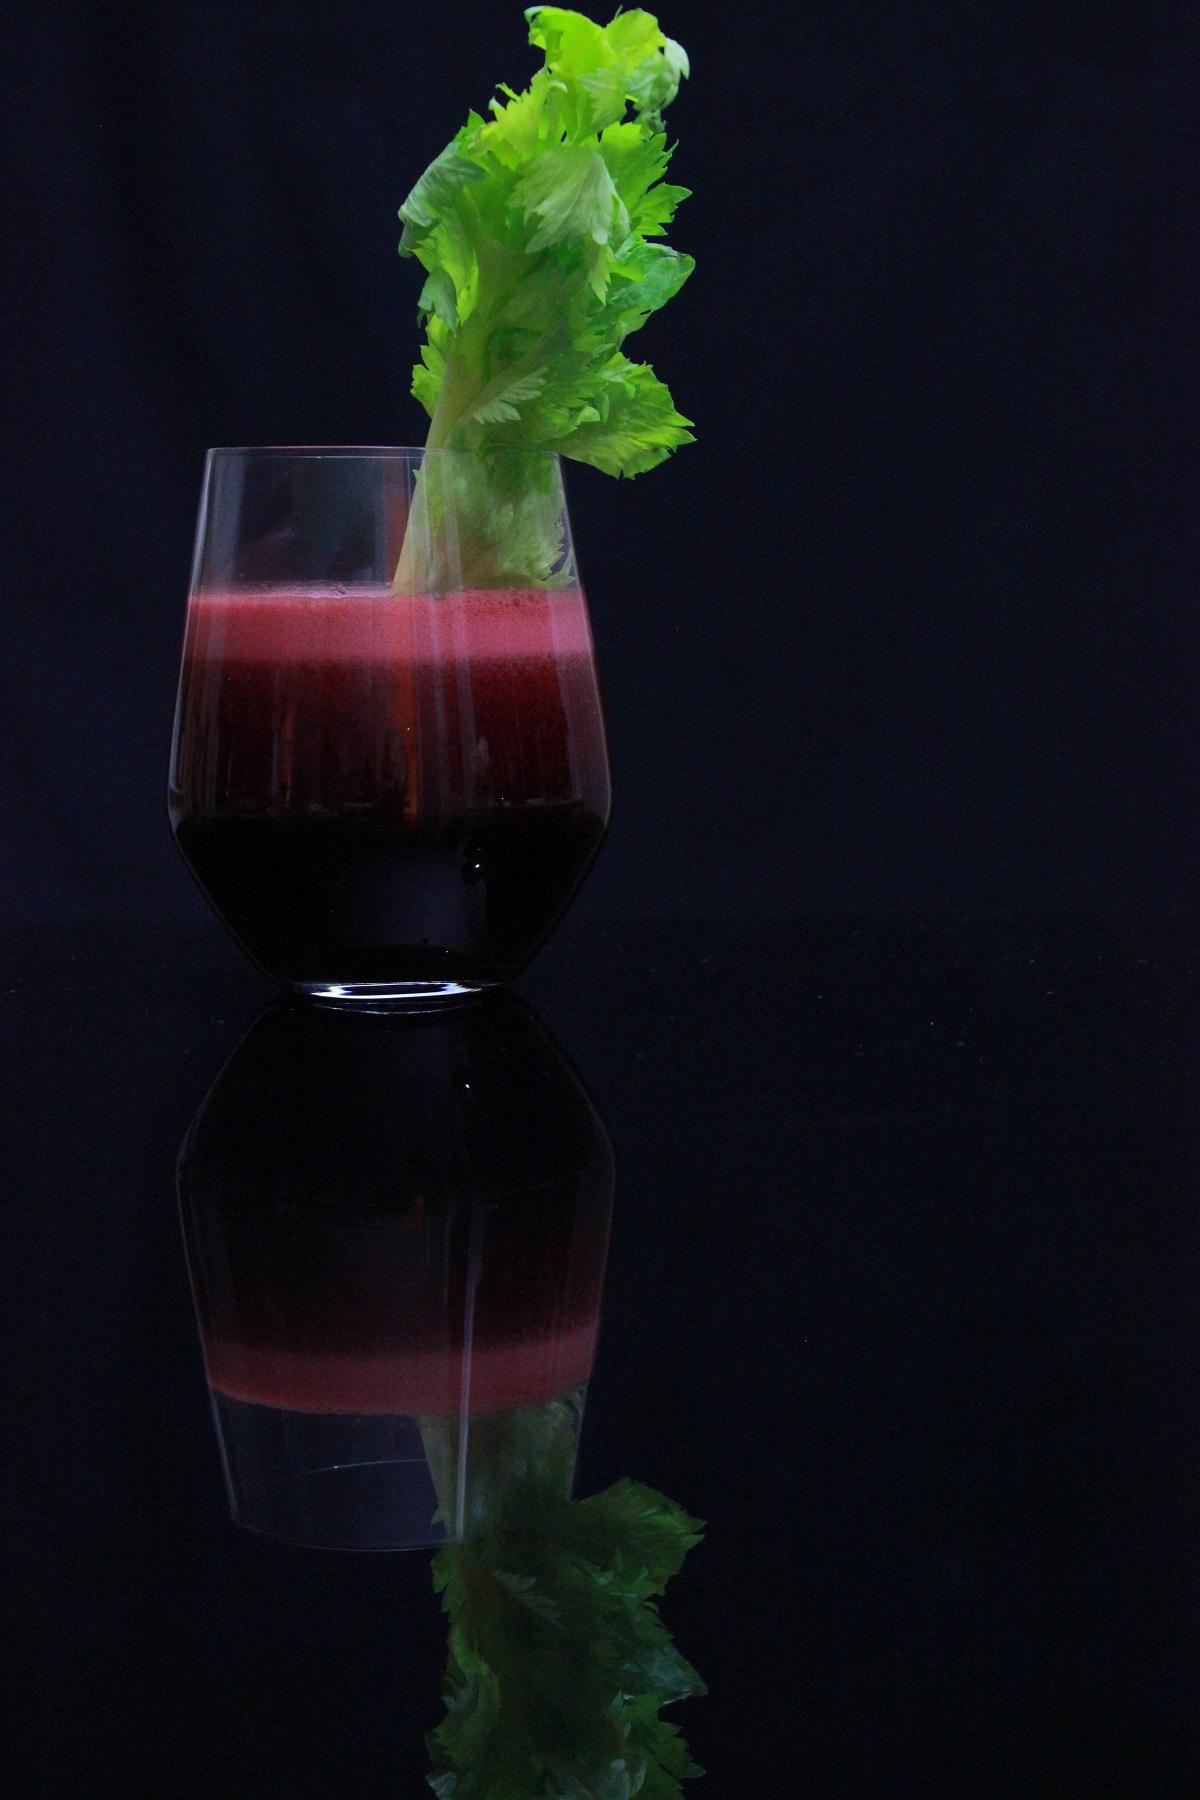 Rødbete- og druejuice